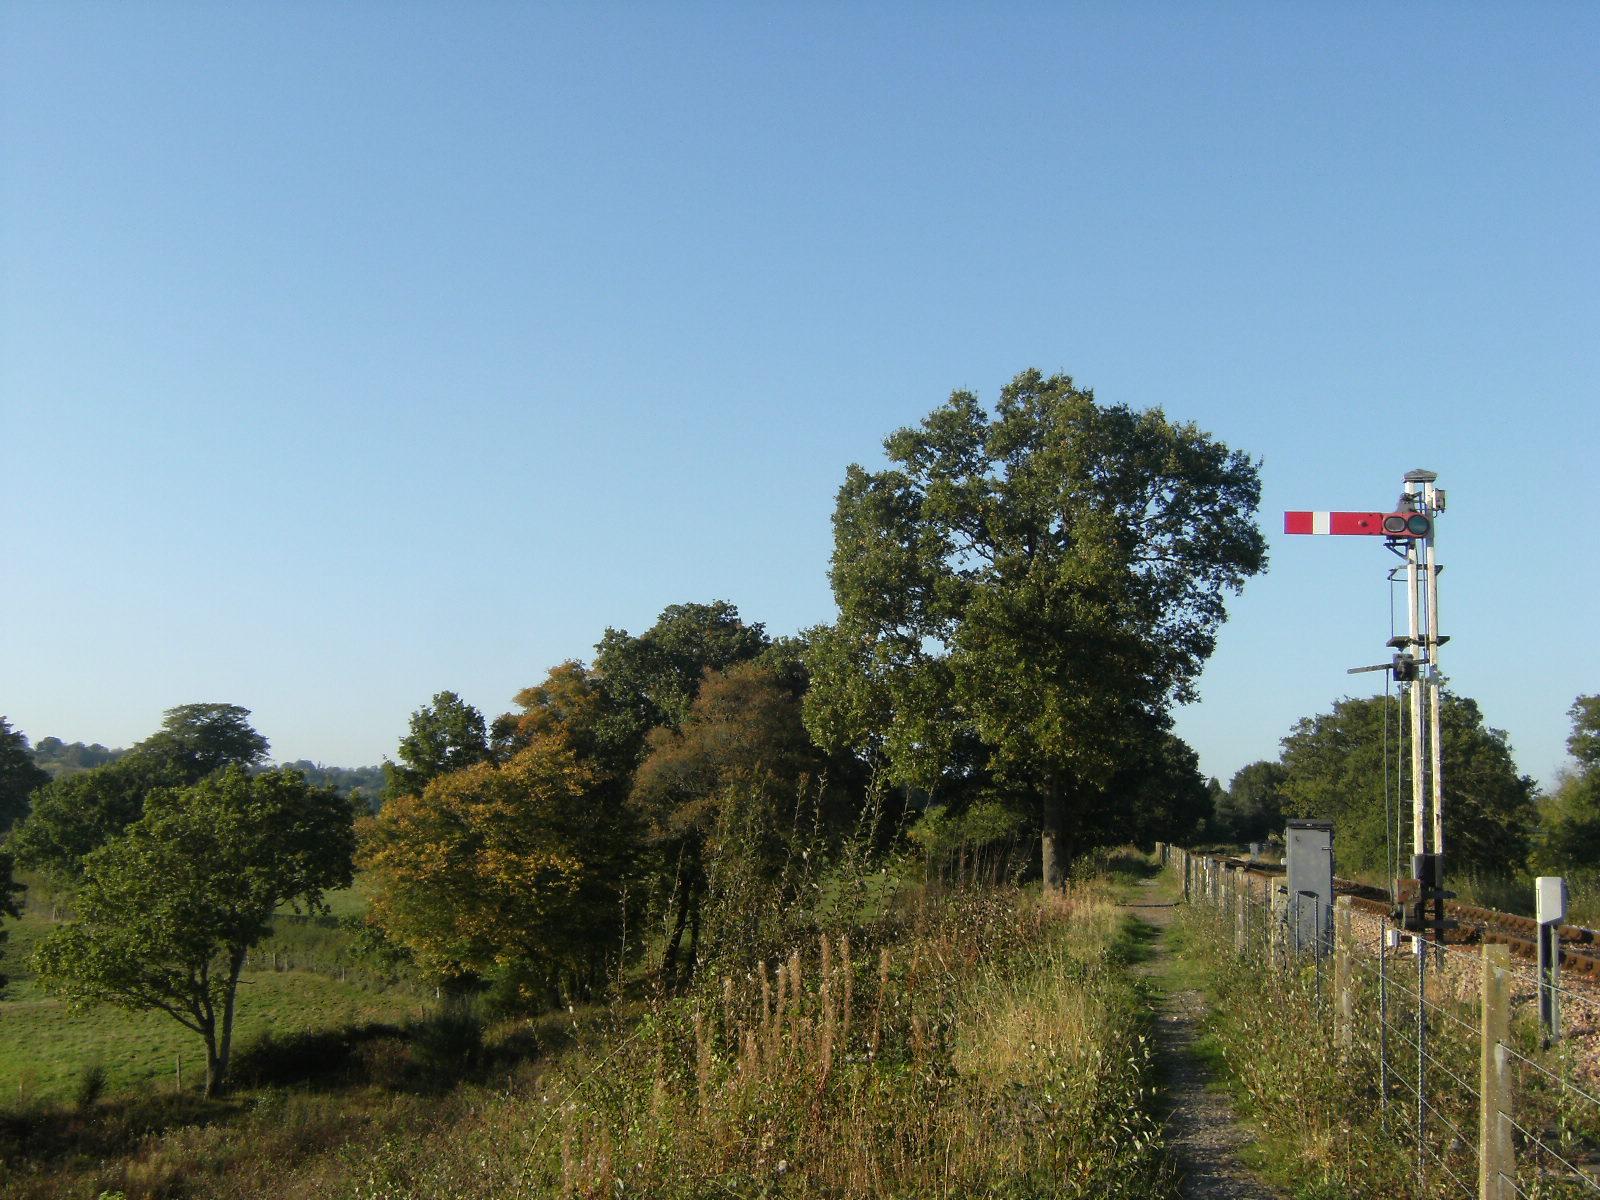 DSCF9886 Alongside the railway